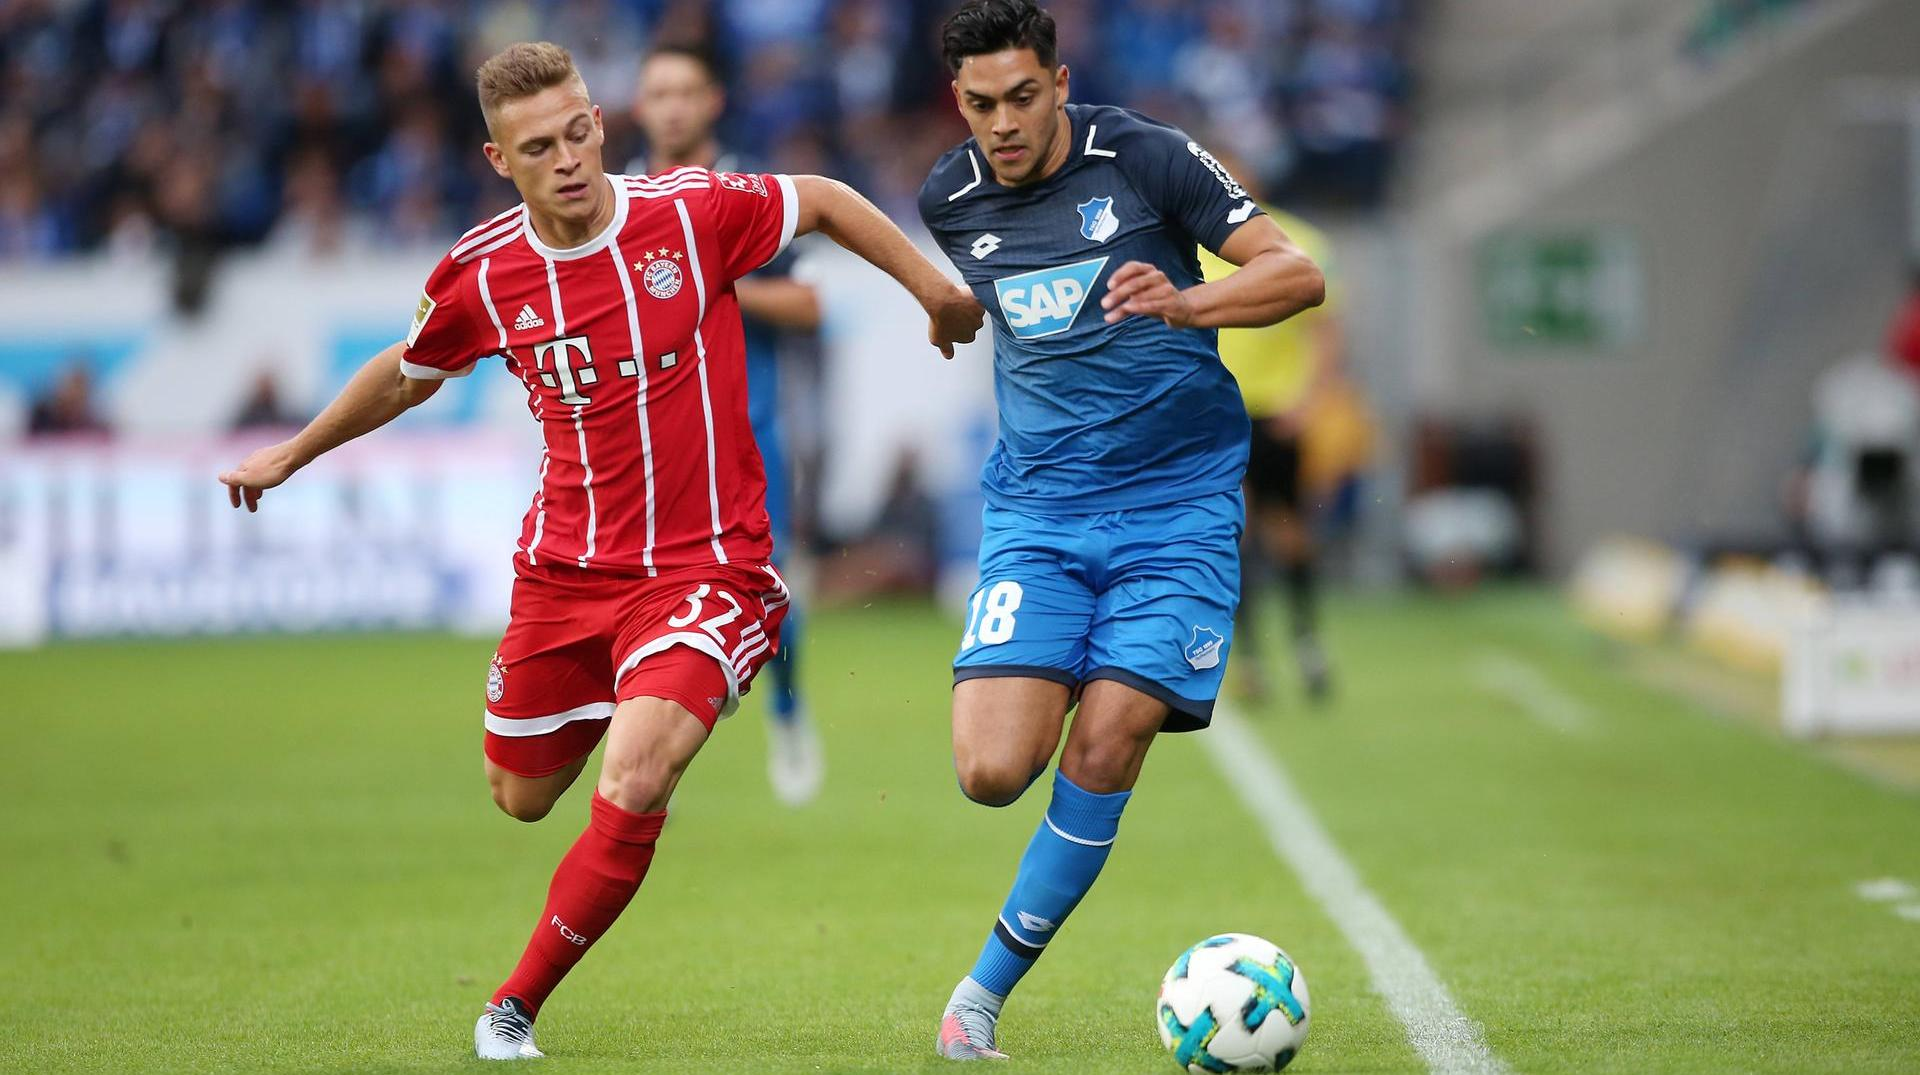 Fussball 1 Bundesliga TSG 1899 Hoffenheim FC Bayern München 3 Spieltag am 09 09 2017 in der Wi